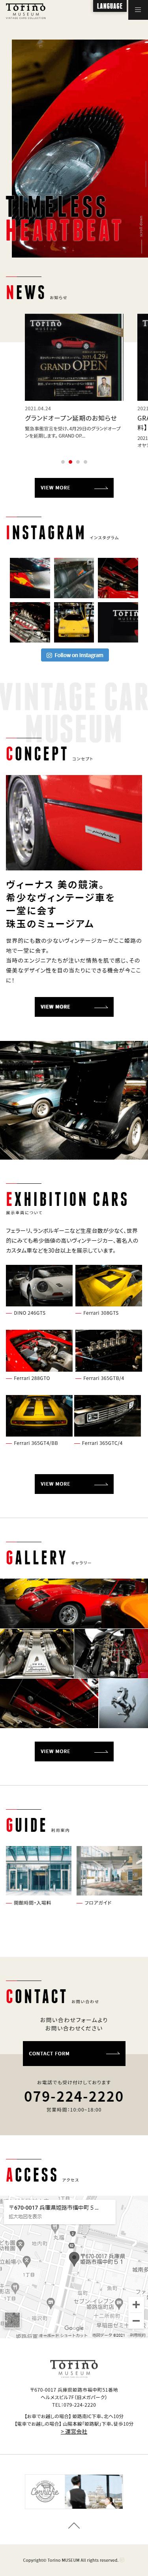 姫路市 ヴィンテージカーミュージアム トリノミュージアム ホームページ制作3